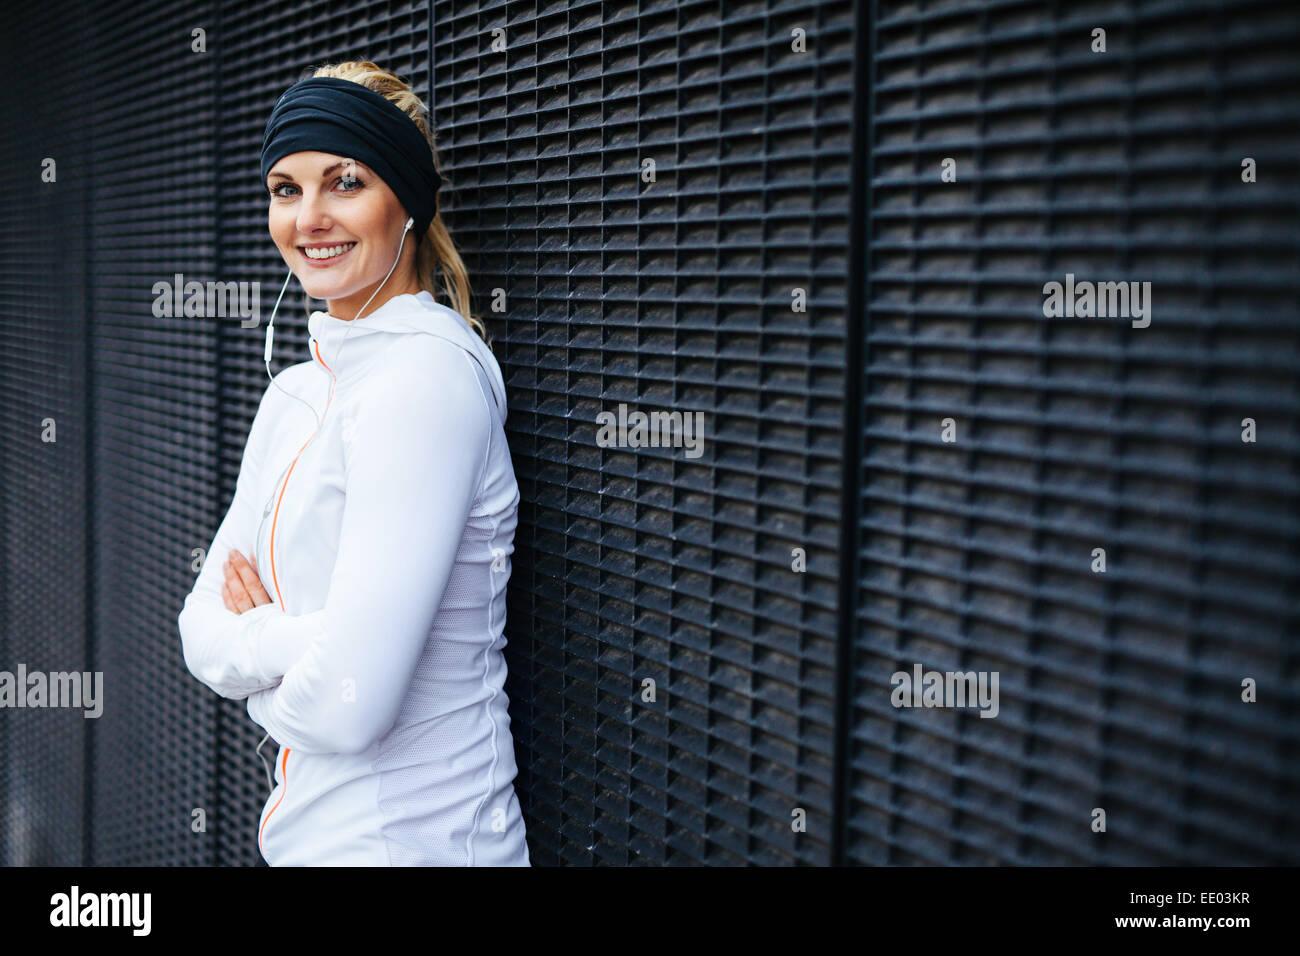 Porträt von schöne junge Frau in Sportkleidung, Blick auf die Kamera zu Lächeln. Sportliche Frau, die an eine Wand Stockfoto